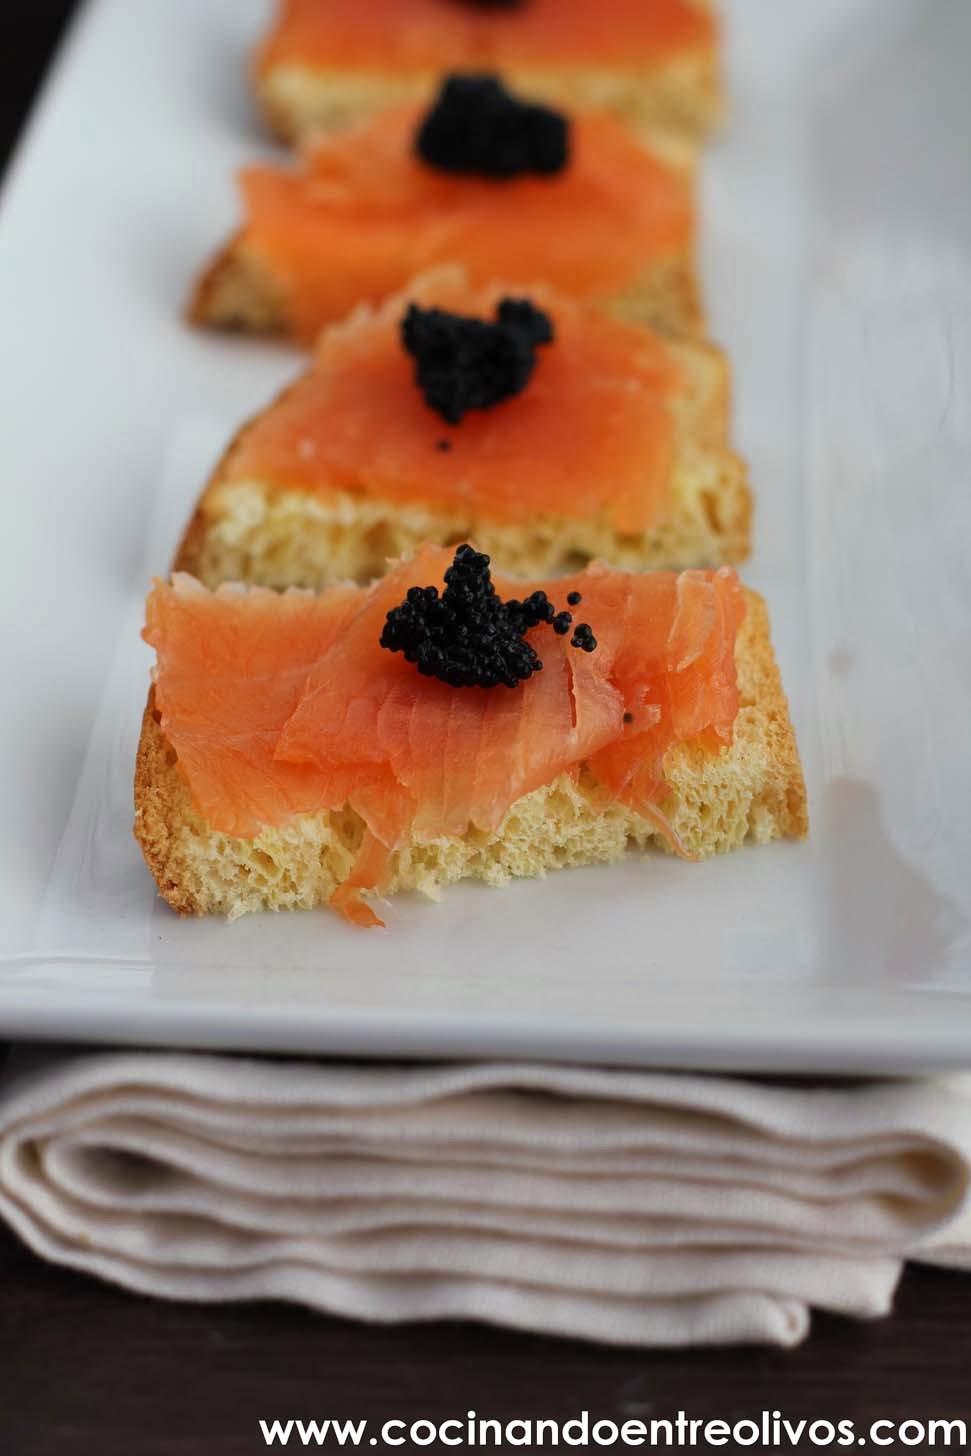 C mo preparar salm n marinado en casa receta paso a paso for Como cocinar salmon